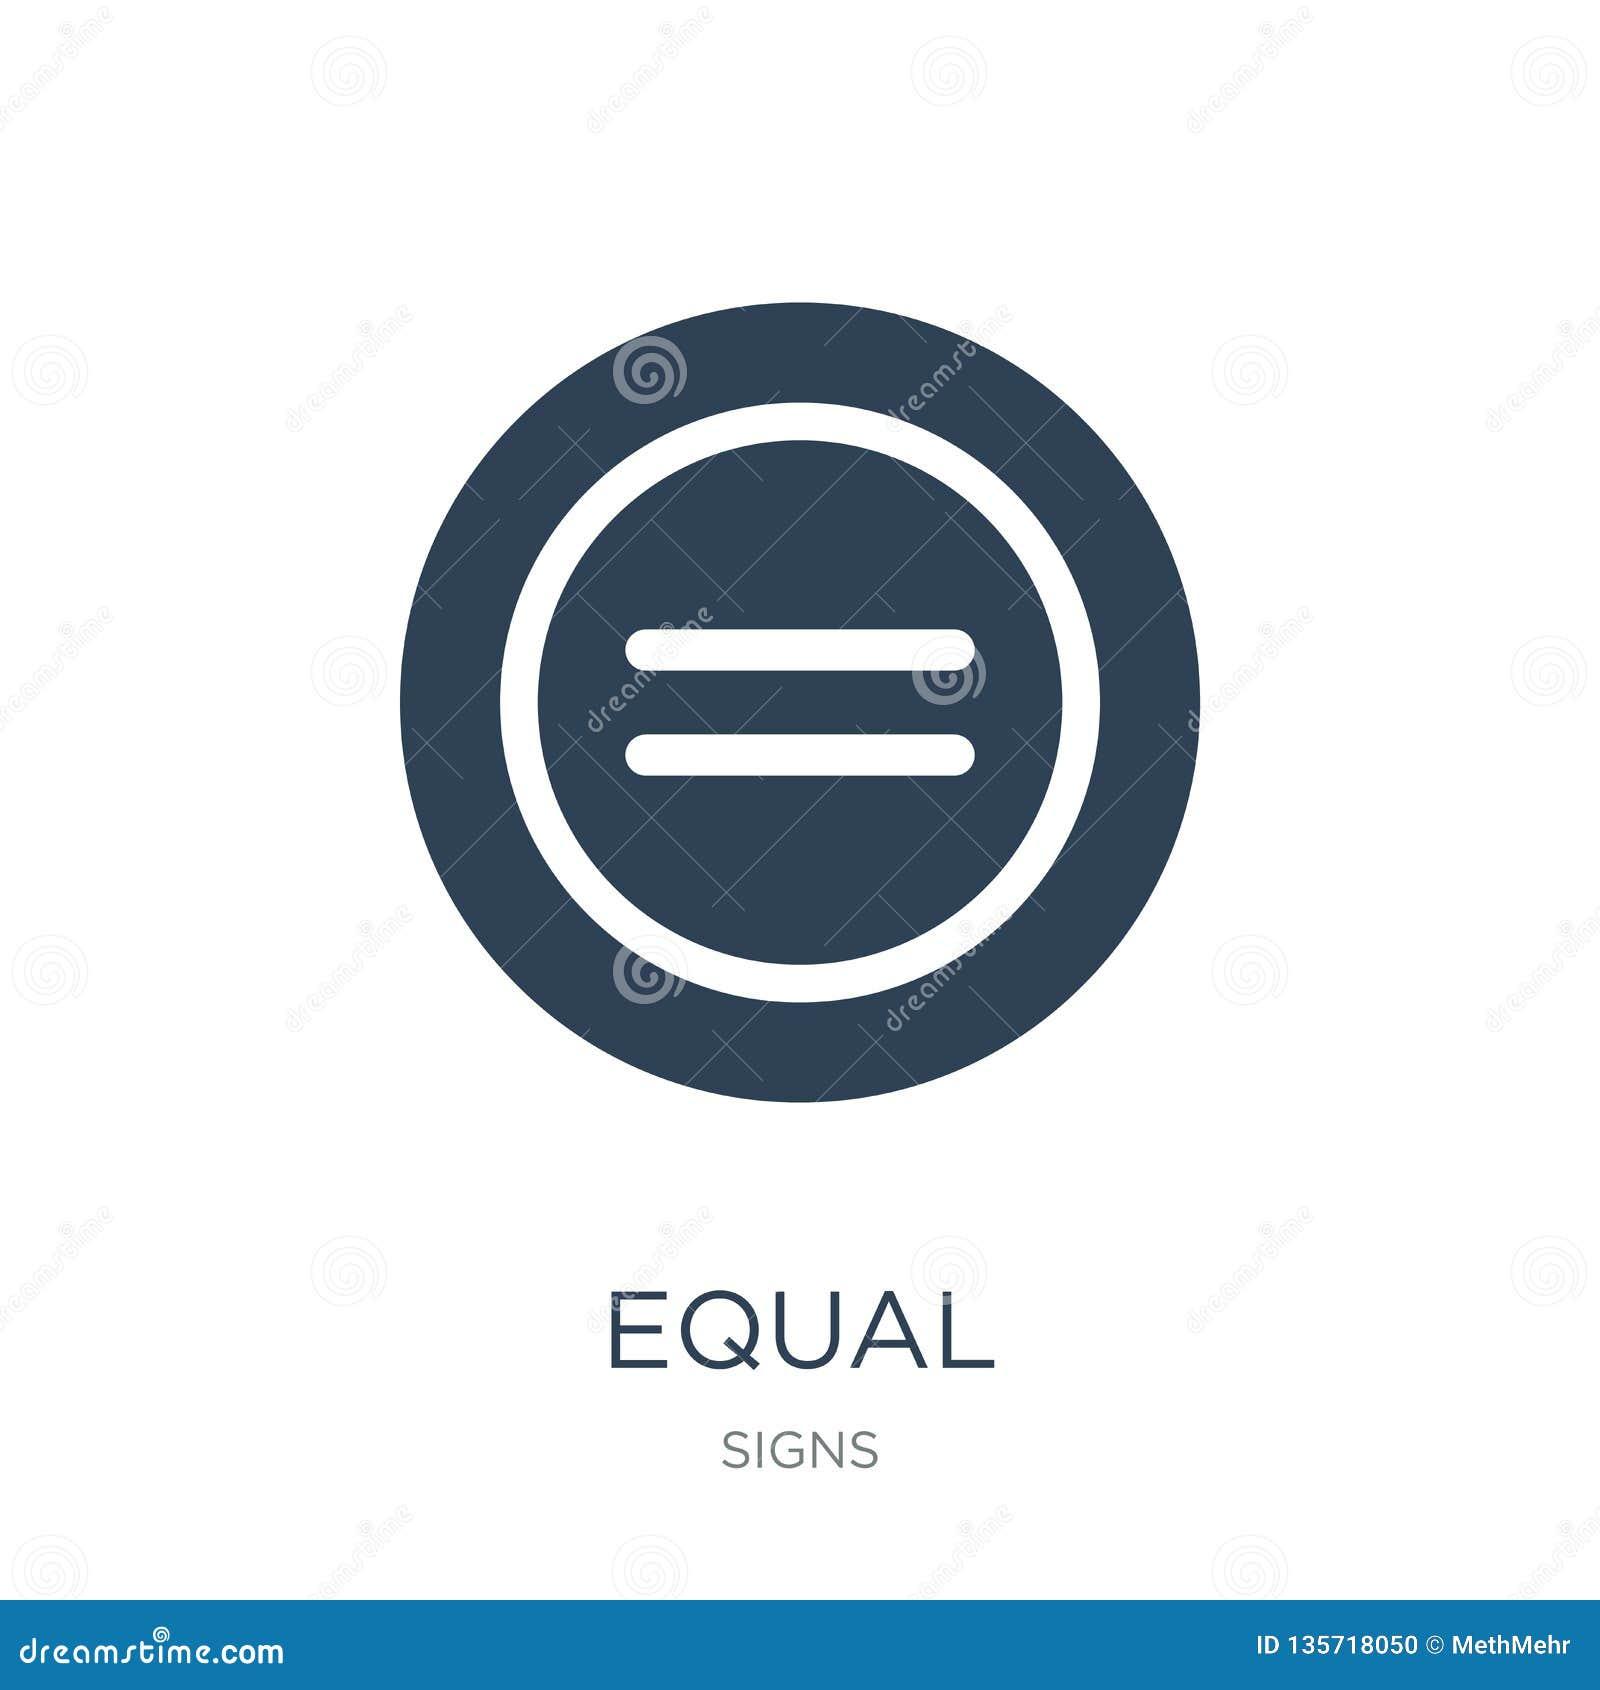 Jämbördig symbol i moderiktig designstil jämbördig symbol som isoleras på vit bakgrund enkelt och modernt plant symbol för jämbör